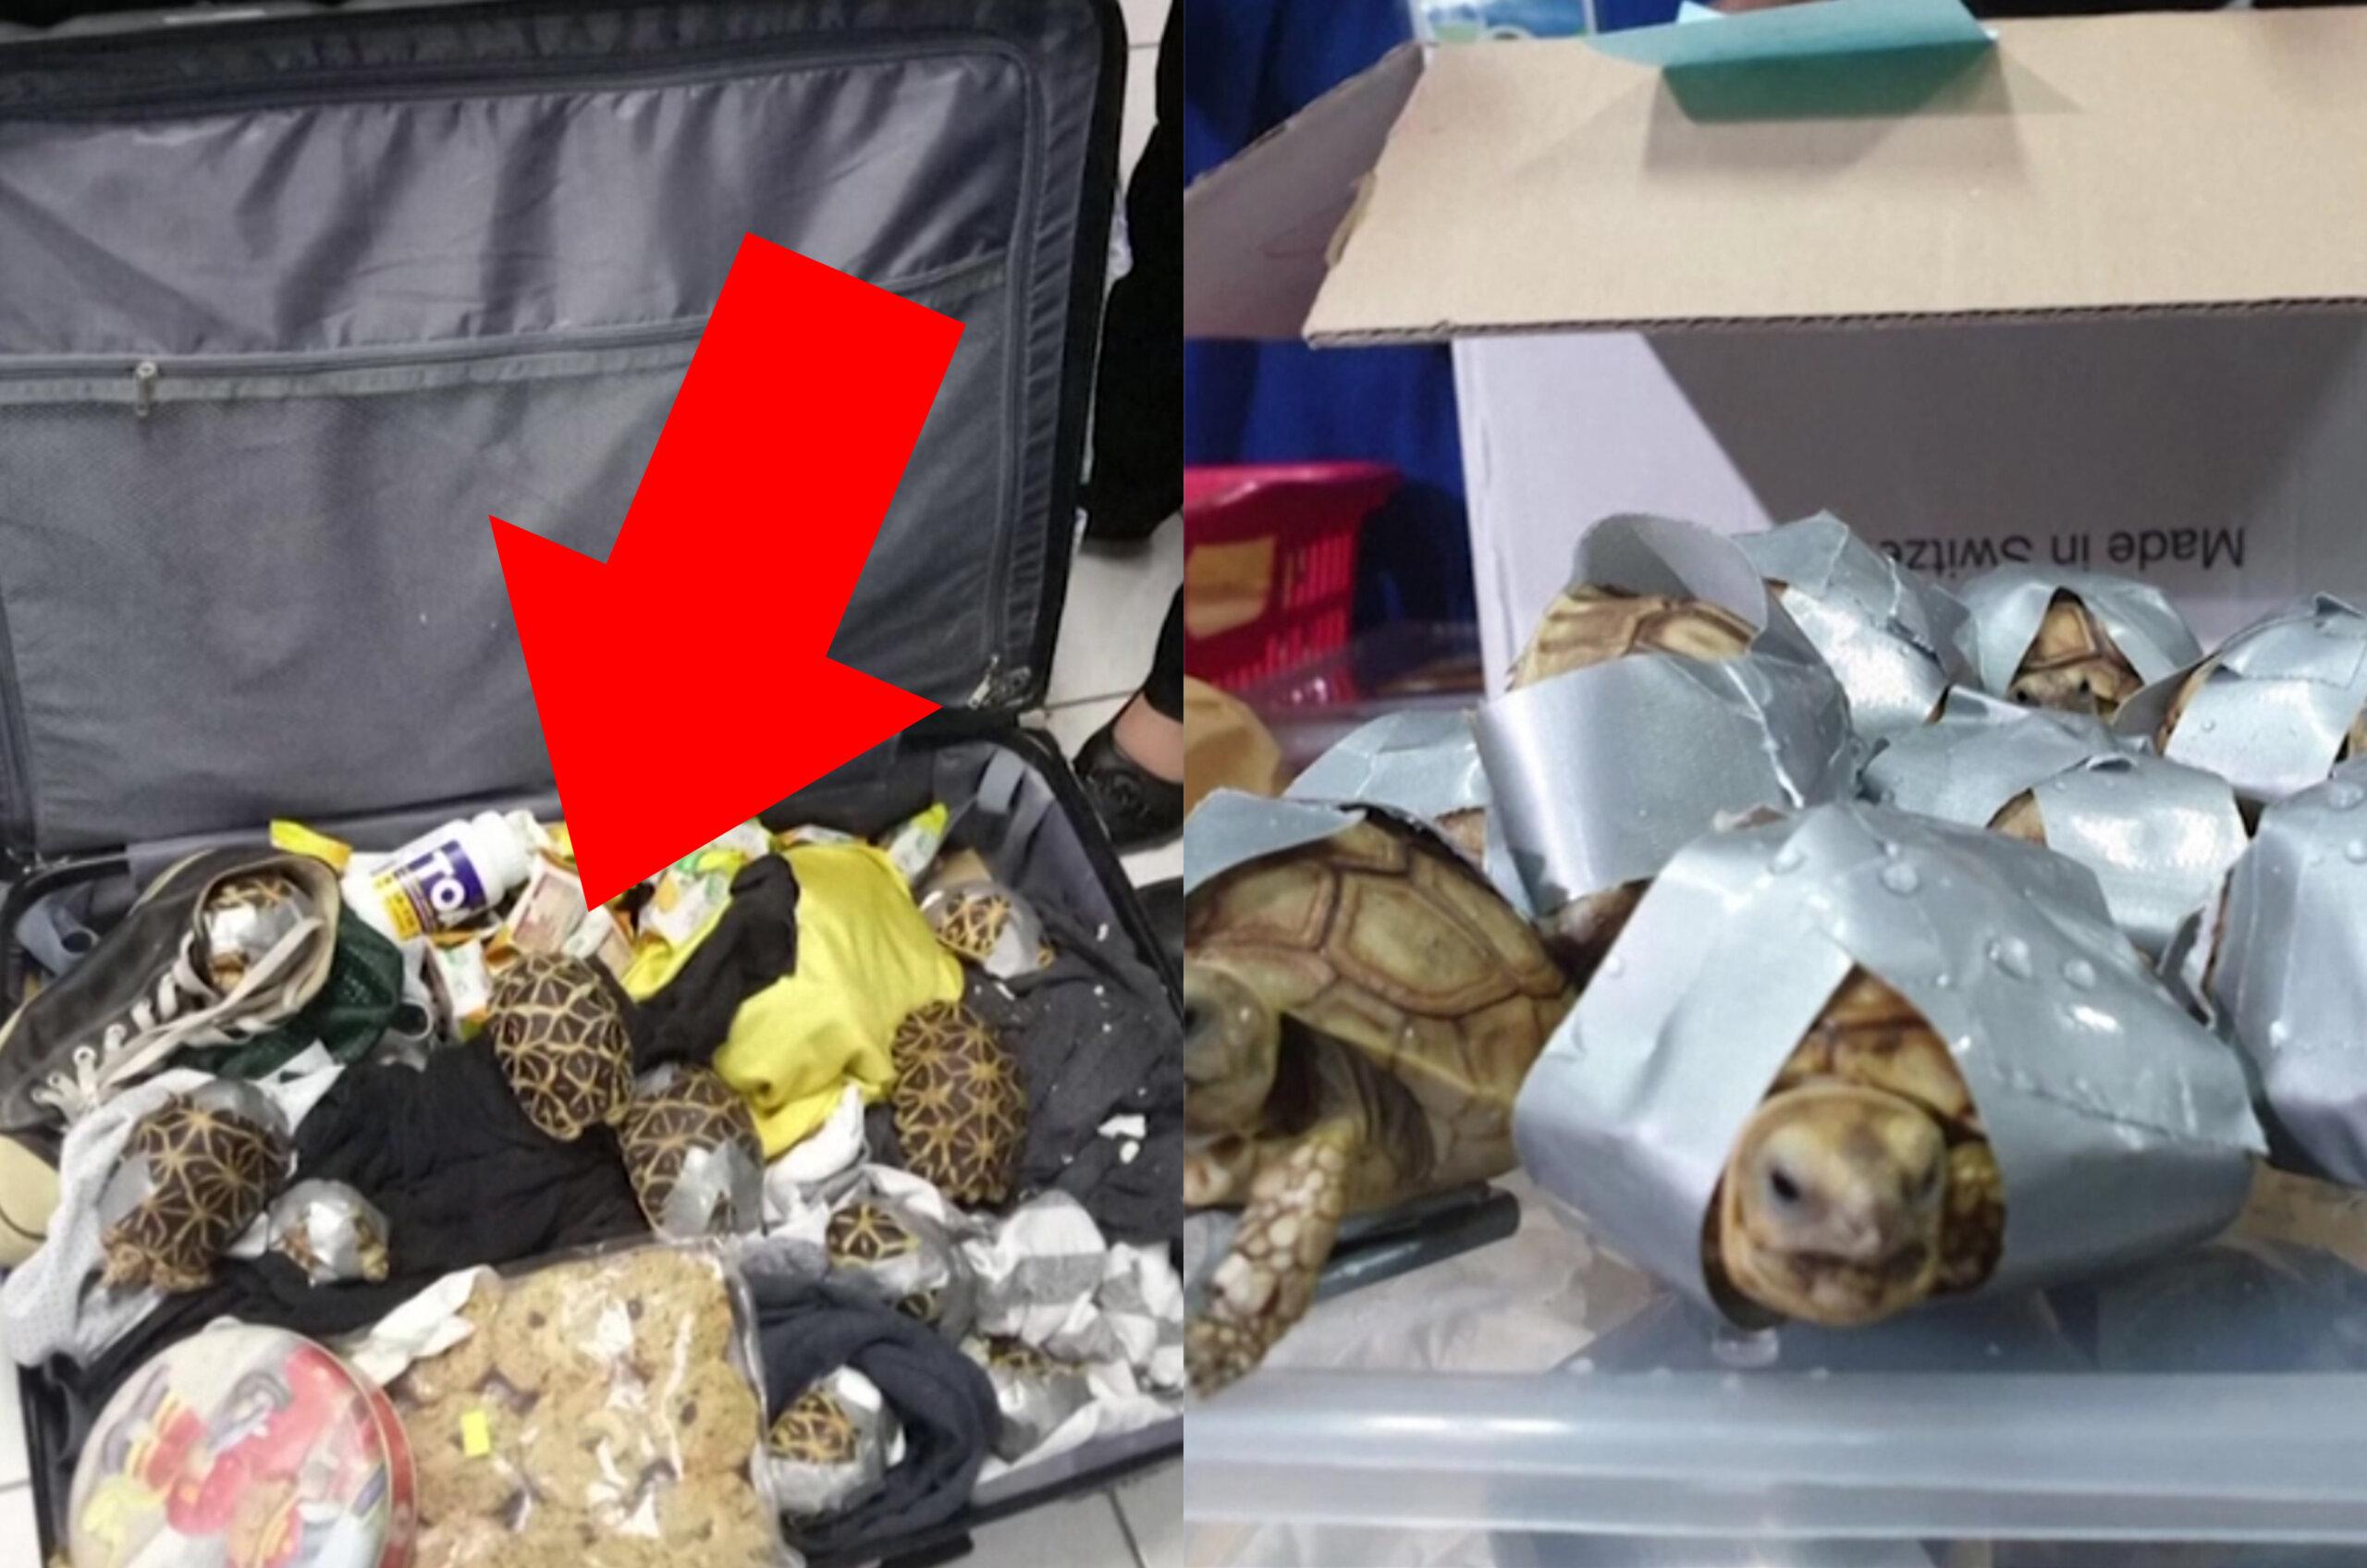 Philippinen: 1.500 LEBENDIGE Schildkröten in Koffern entdeckt